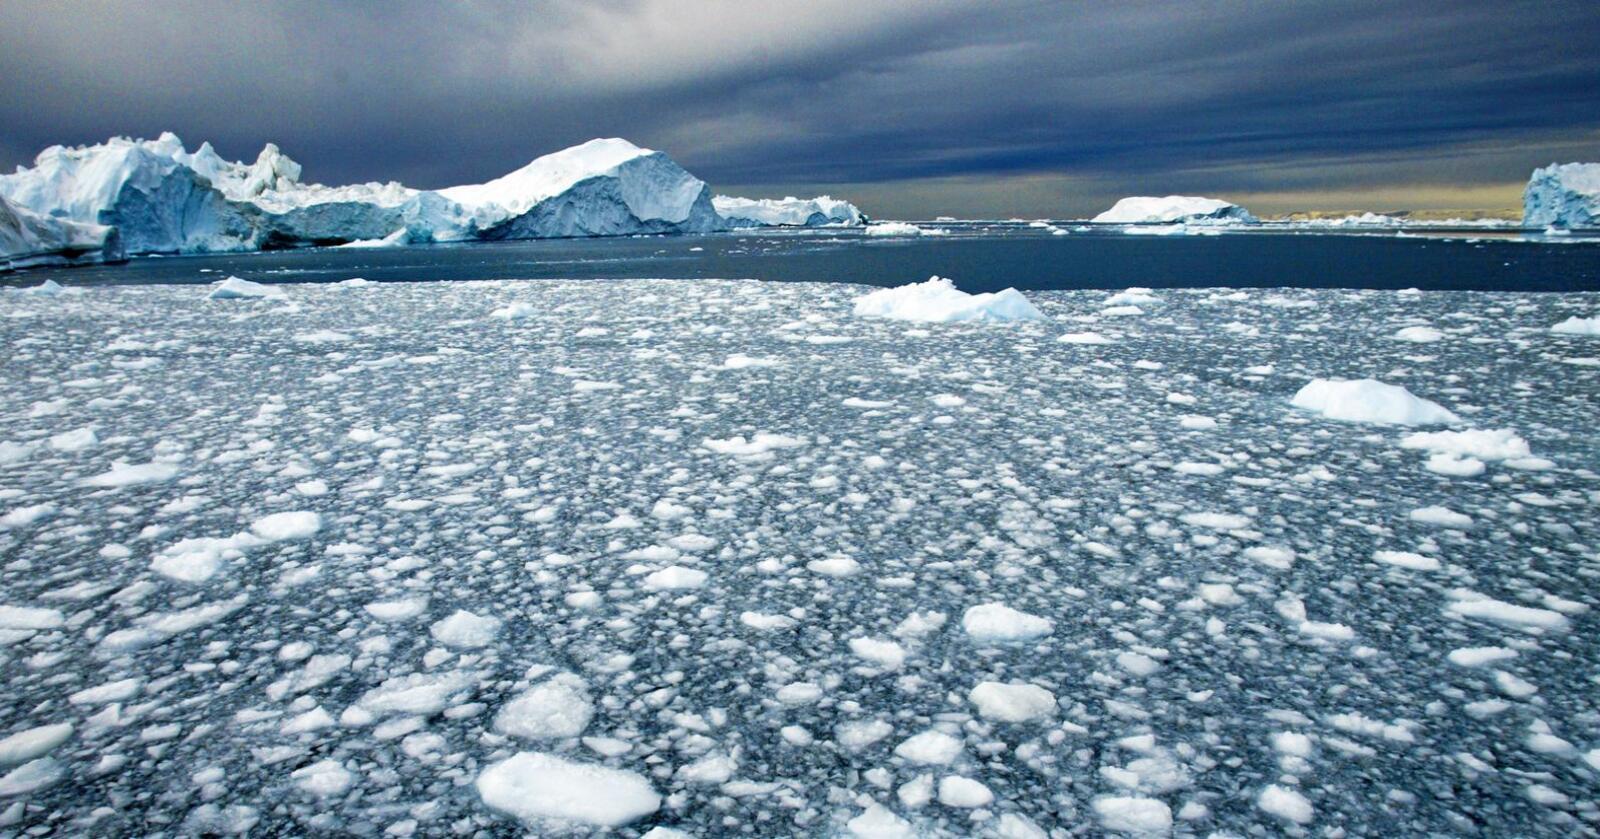 Sårbare områder: Skal vi bore etter olje i sårbare områder, som Arktis? Foto: Jan-Morten Bjørnbakk / NTB scanpix